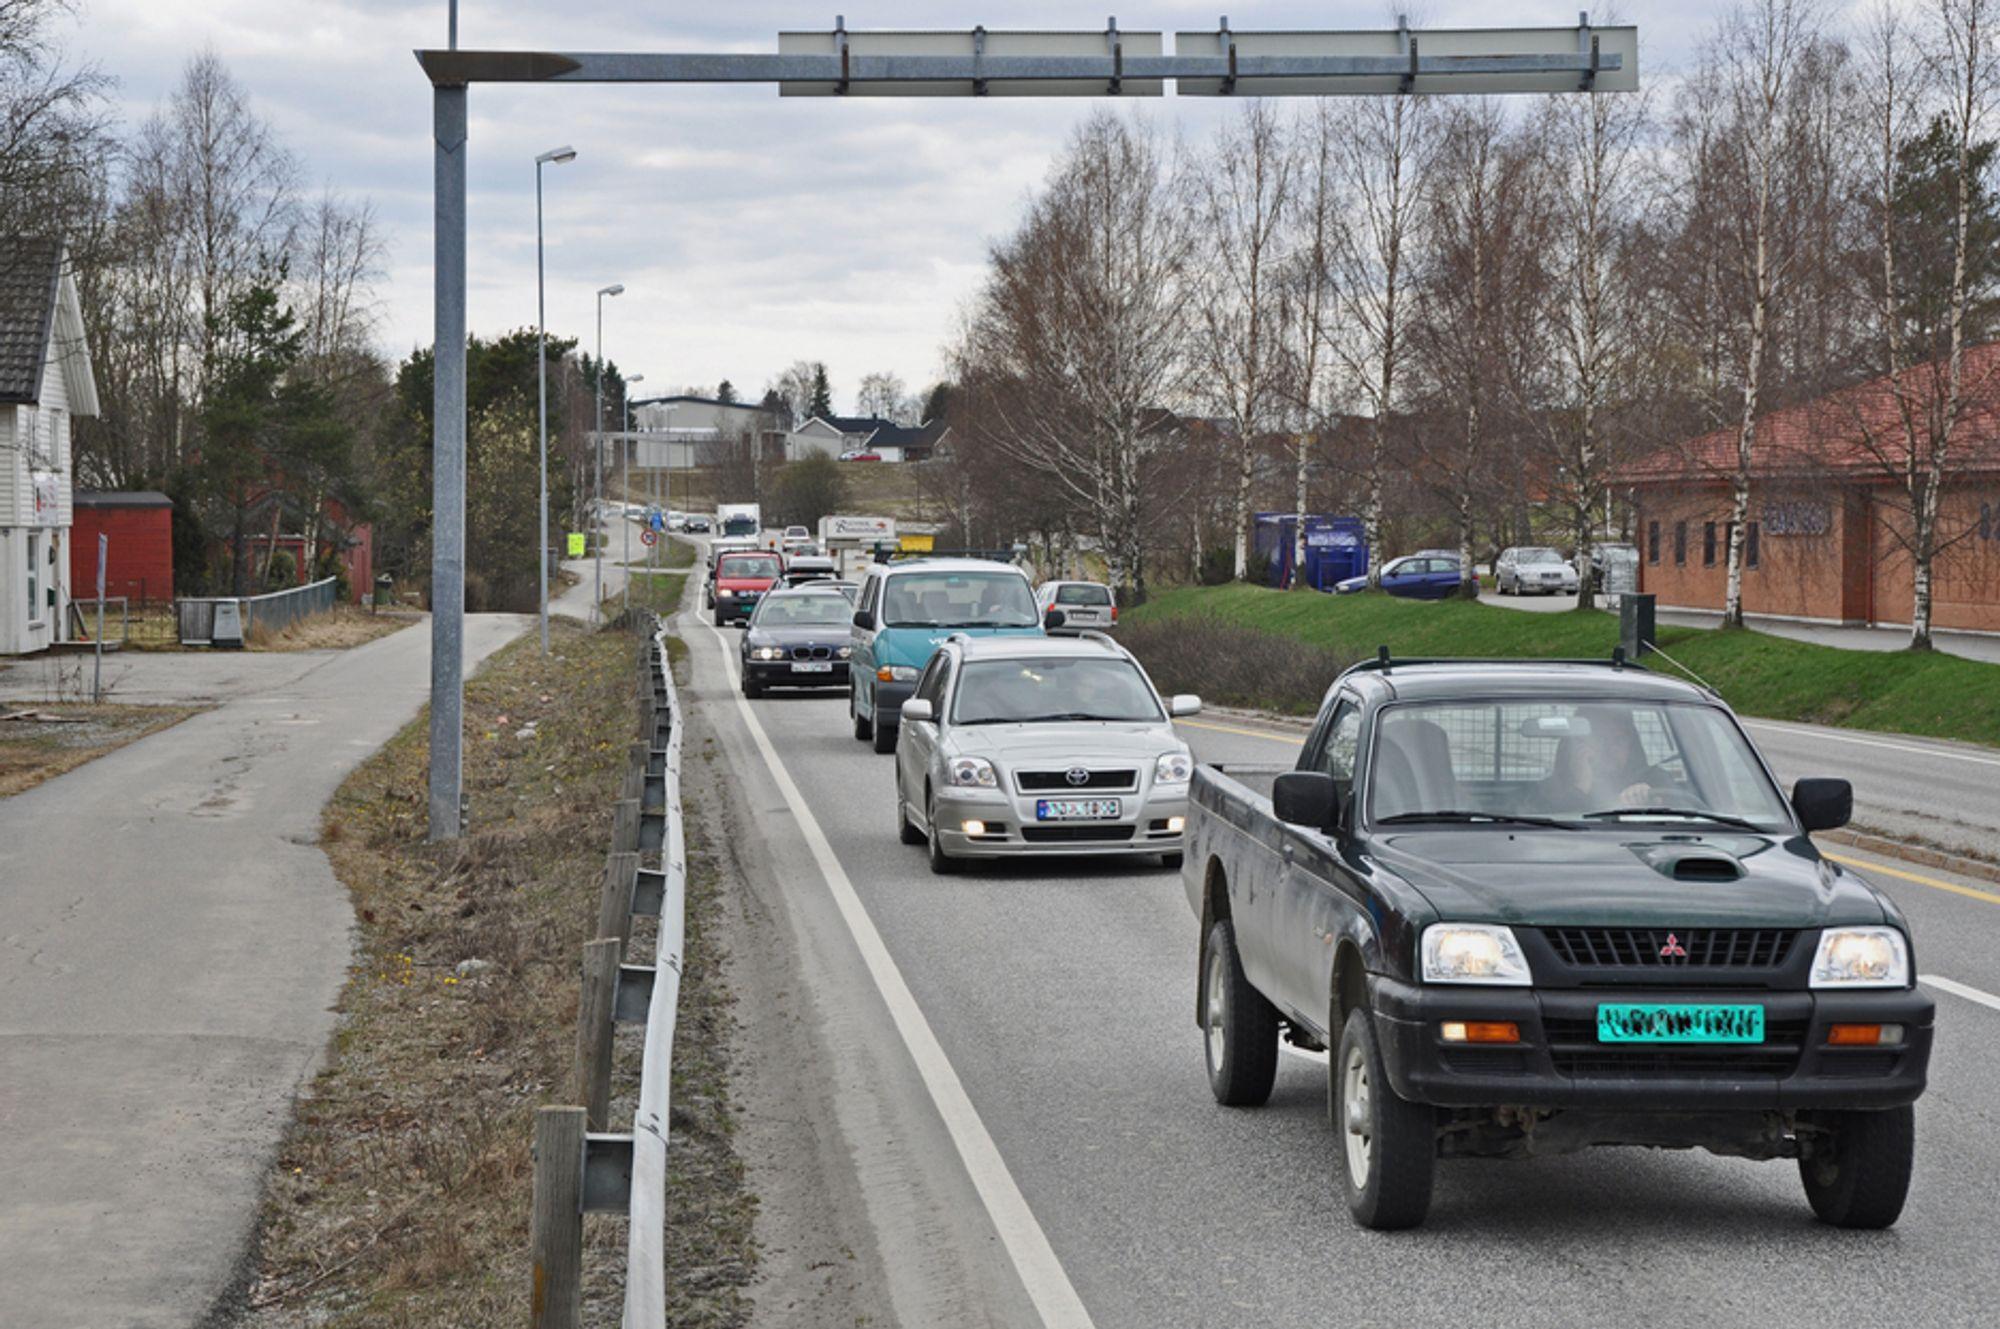 For innbyggerne i Spydeberg er gjennomgangstrafikken en betydelig belastning. 1. oktober neste år blir trafikken flyttet langt vekk når en ny parsell på E 18 tas i bruk. Den er det mange som vil bygge. (Foto: Anders Haakonsen)